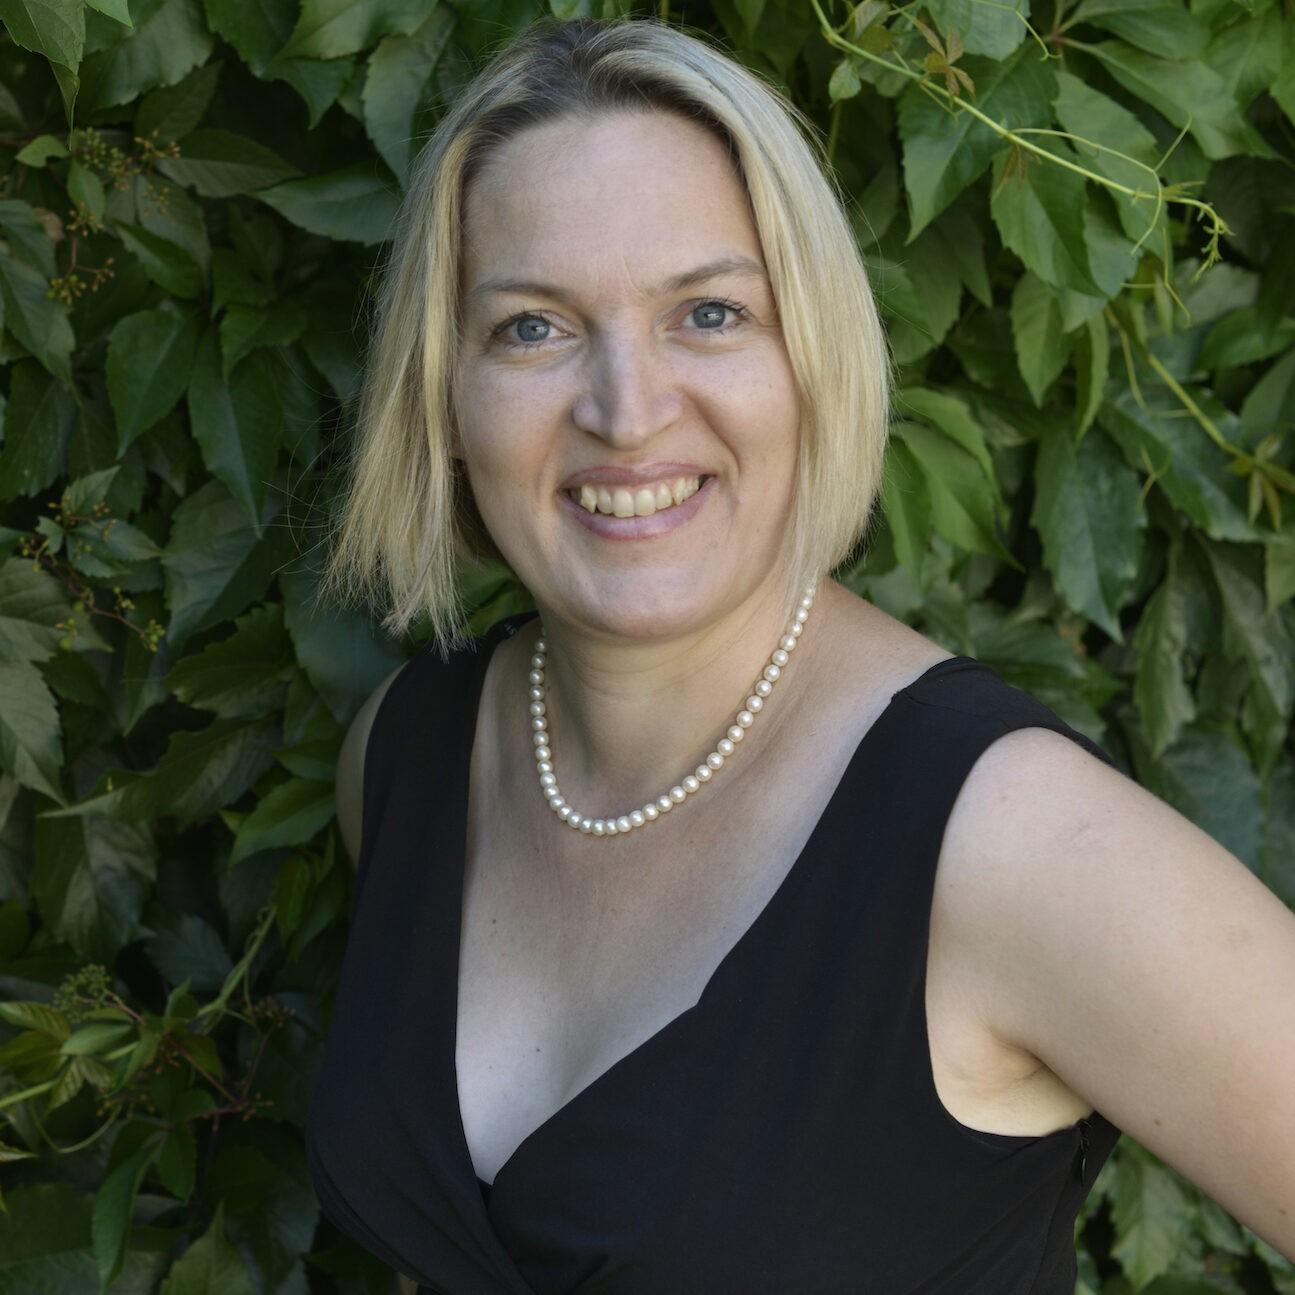 Andrea Hirtl